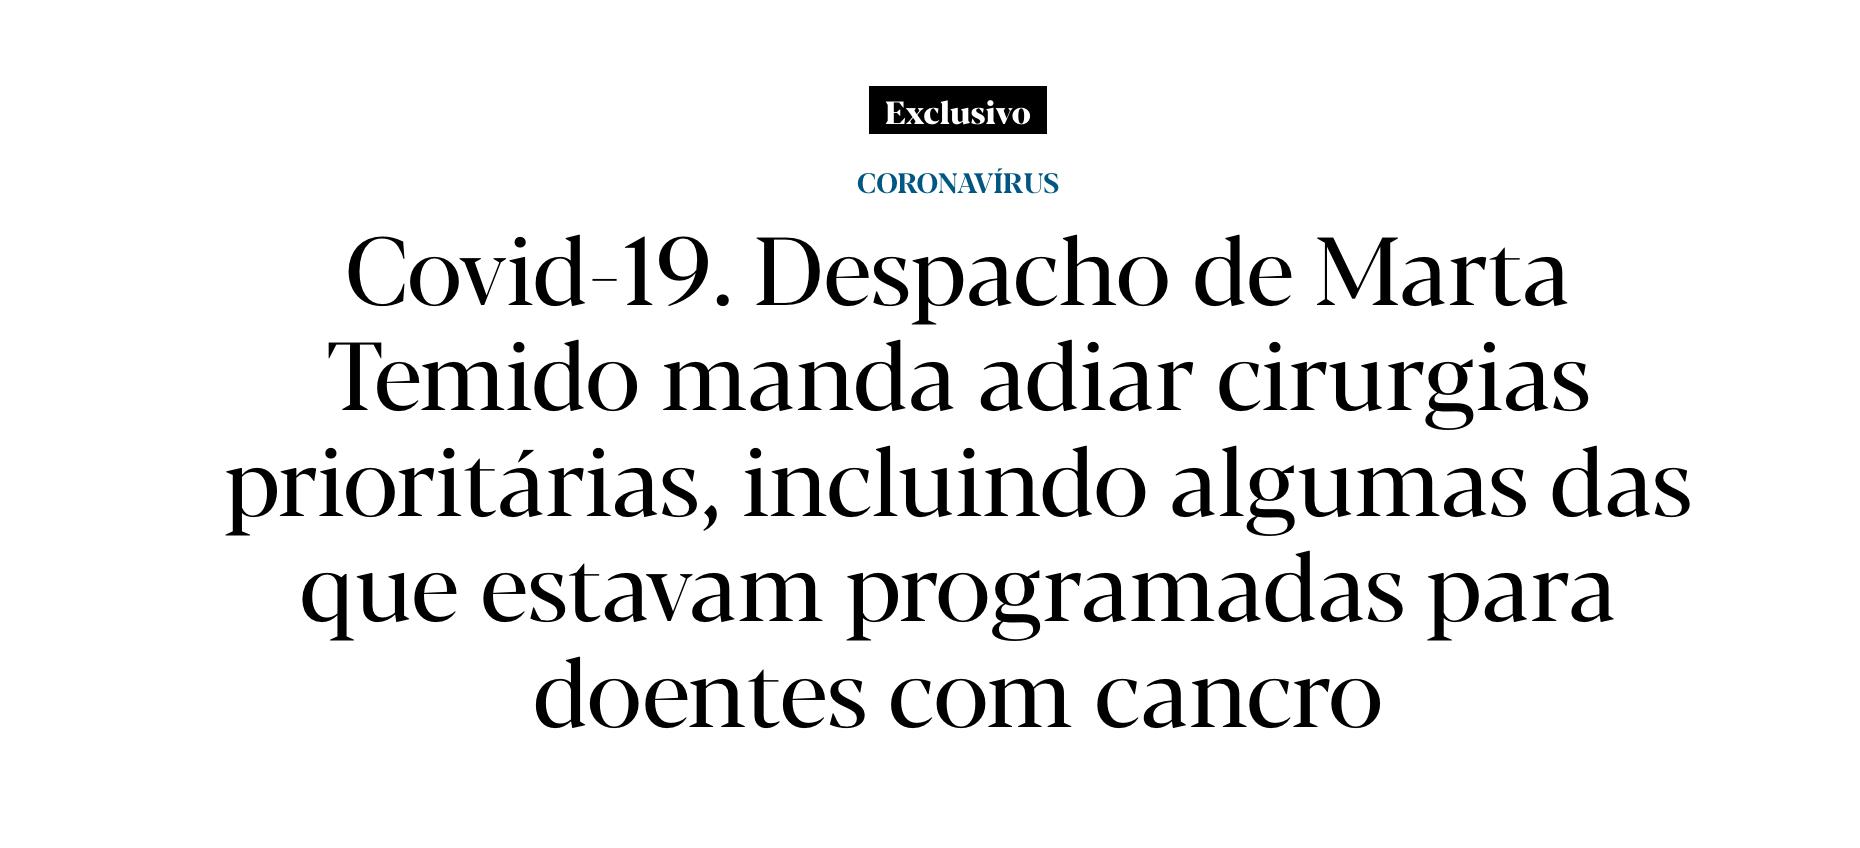 Covid-19. Despacho de Marta Temido manda adiar cirurgias prioritárias, incluindo algumas das que estavam programadas para doentes com cancro